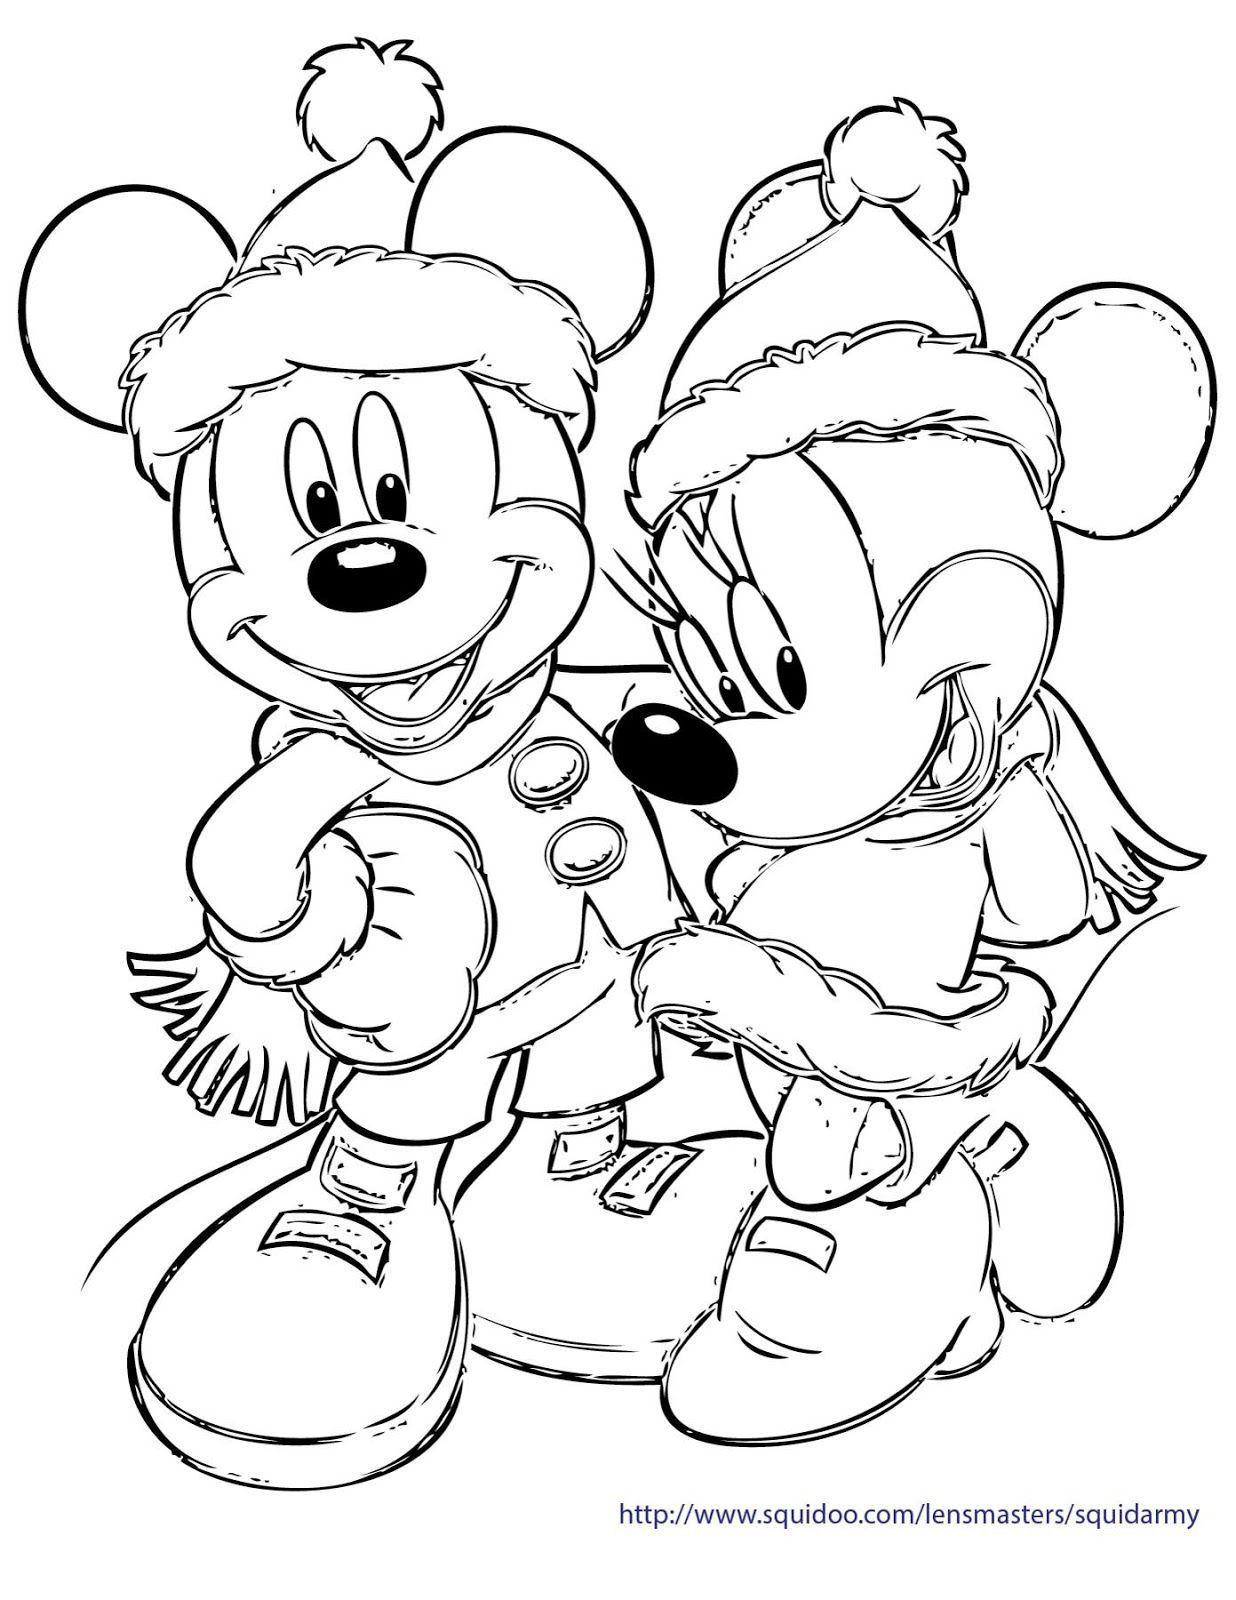 Free Christmas Coloring Pages Xmas Coloring Pages Minnie Adultcoloringpages Free Christmas Co Disney Malvorlagen Weihnachtsmalvorlagen Kostenlose Ausmalbilder